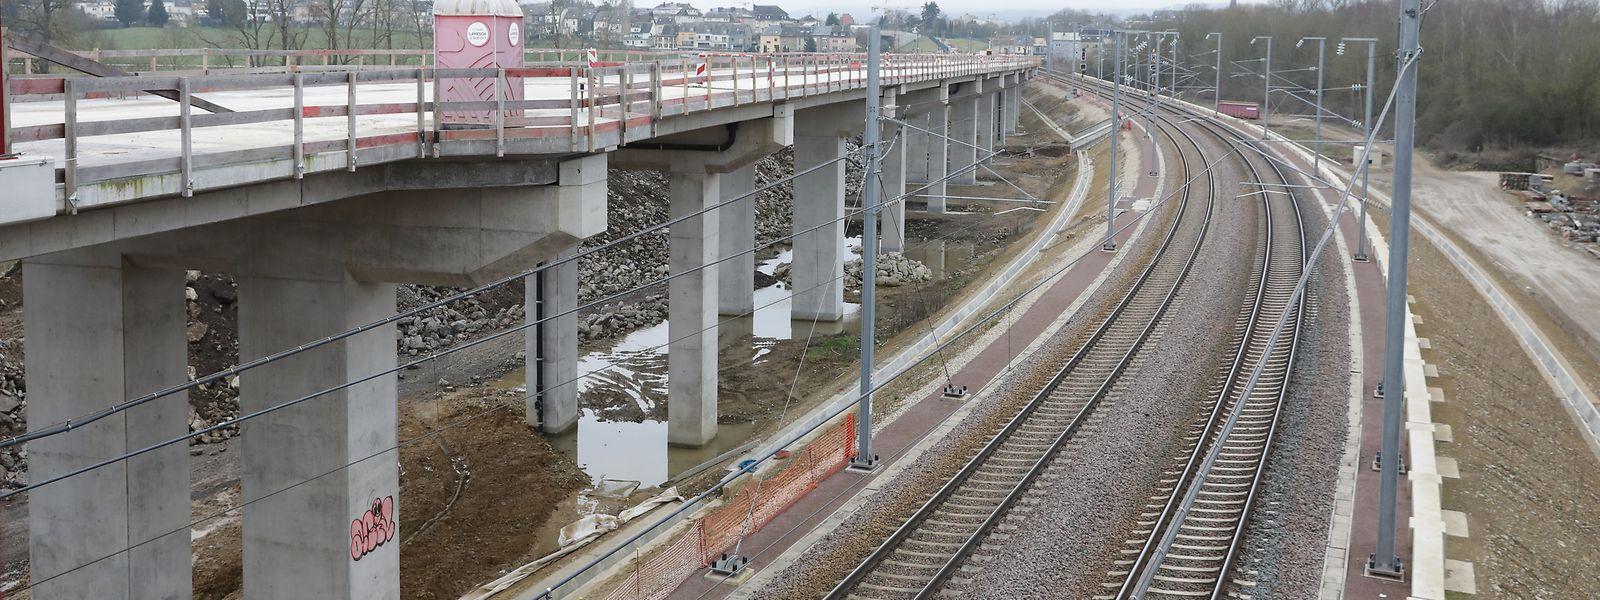 """Der sogenannte """"Saut-de-Mouton"""" wird es der neuen Zugstrecke erlauben, die bestehenden Gleise zu überqueren."""